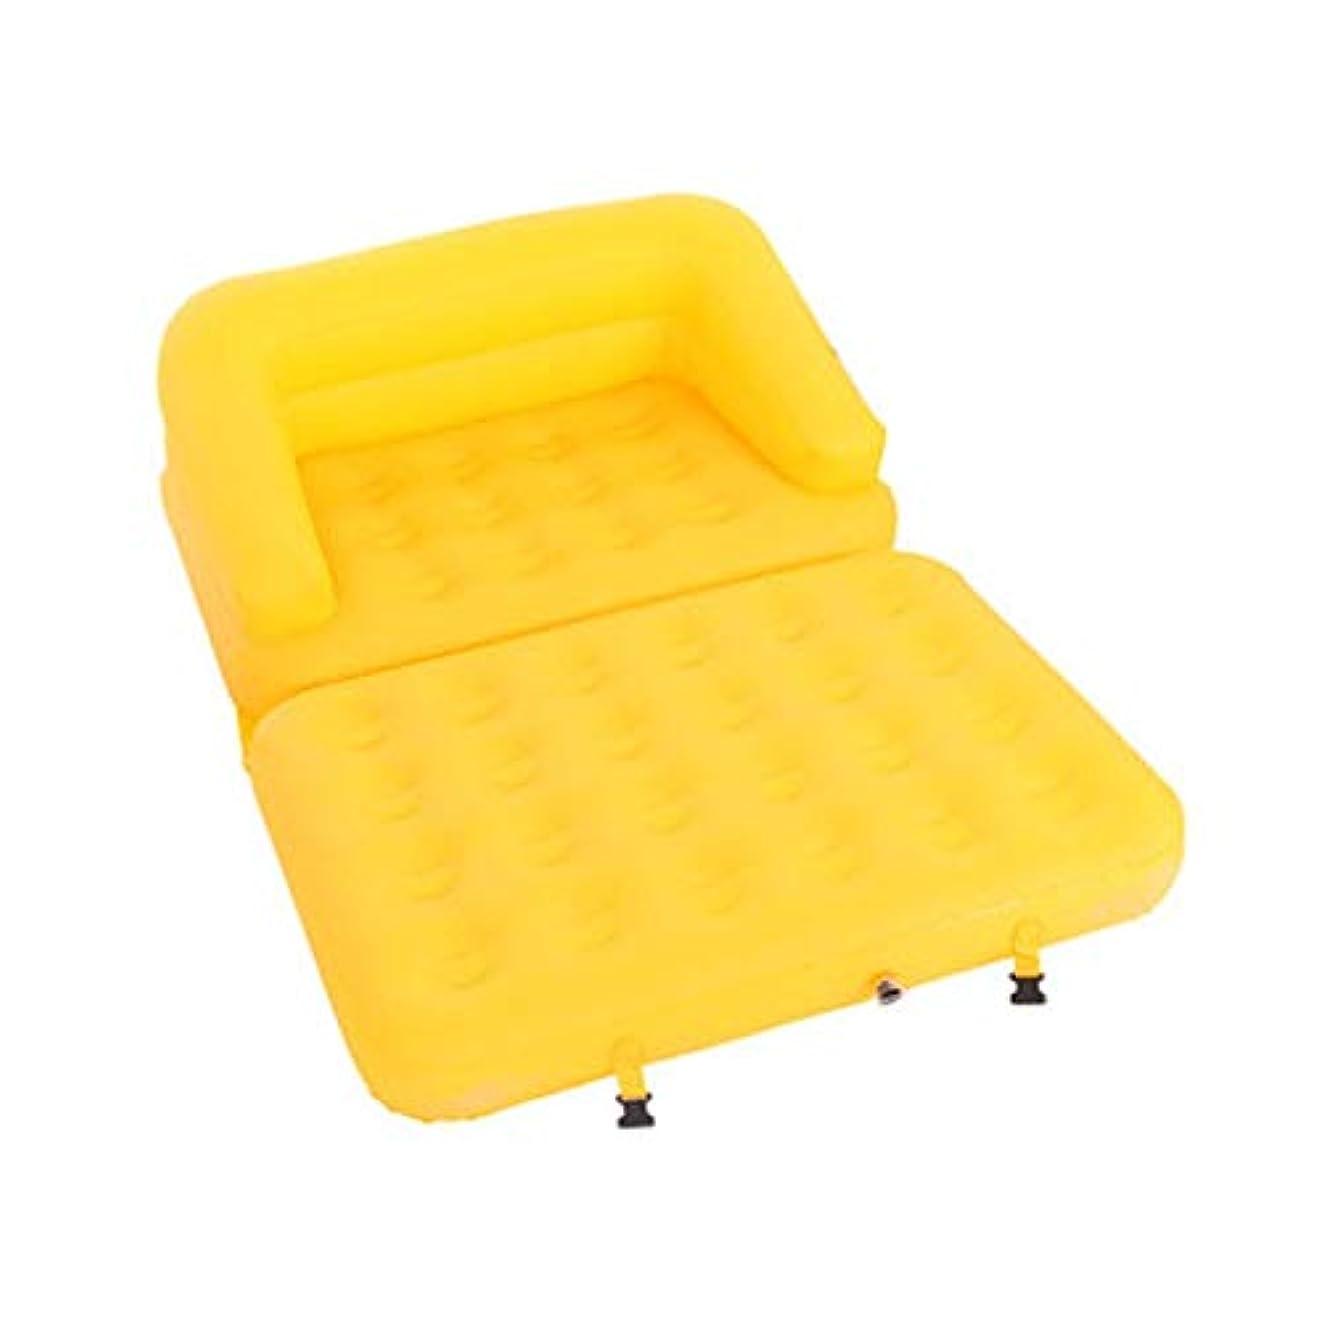 天シルエットストリップ1つの単一の膨脹可能なSofaDeckの椅子の椅子のソファに群がったエアベッドのマットレス200 x 137 x 53 cm